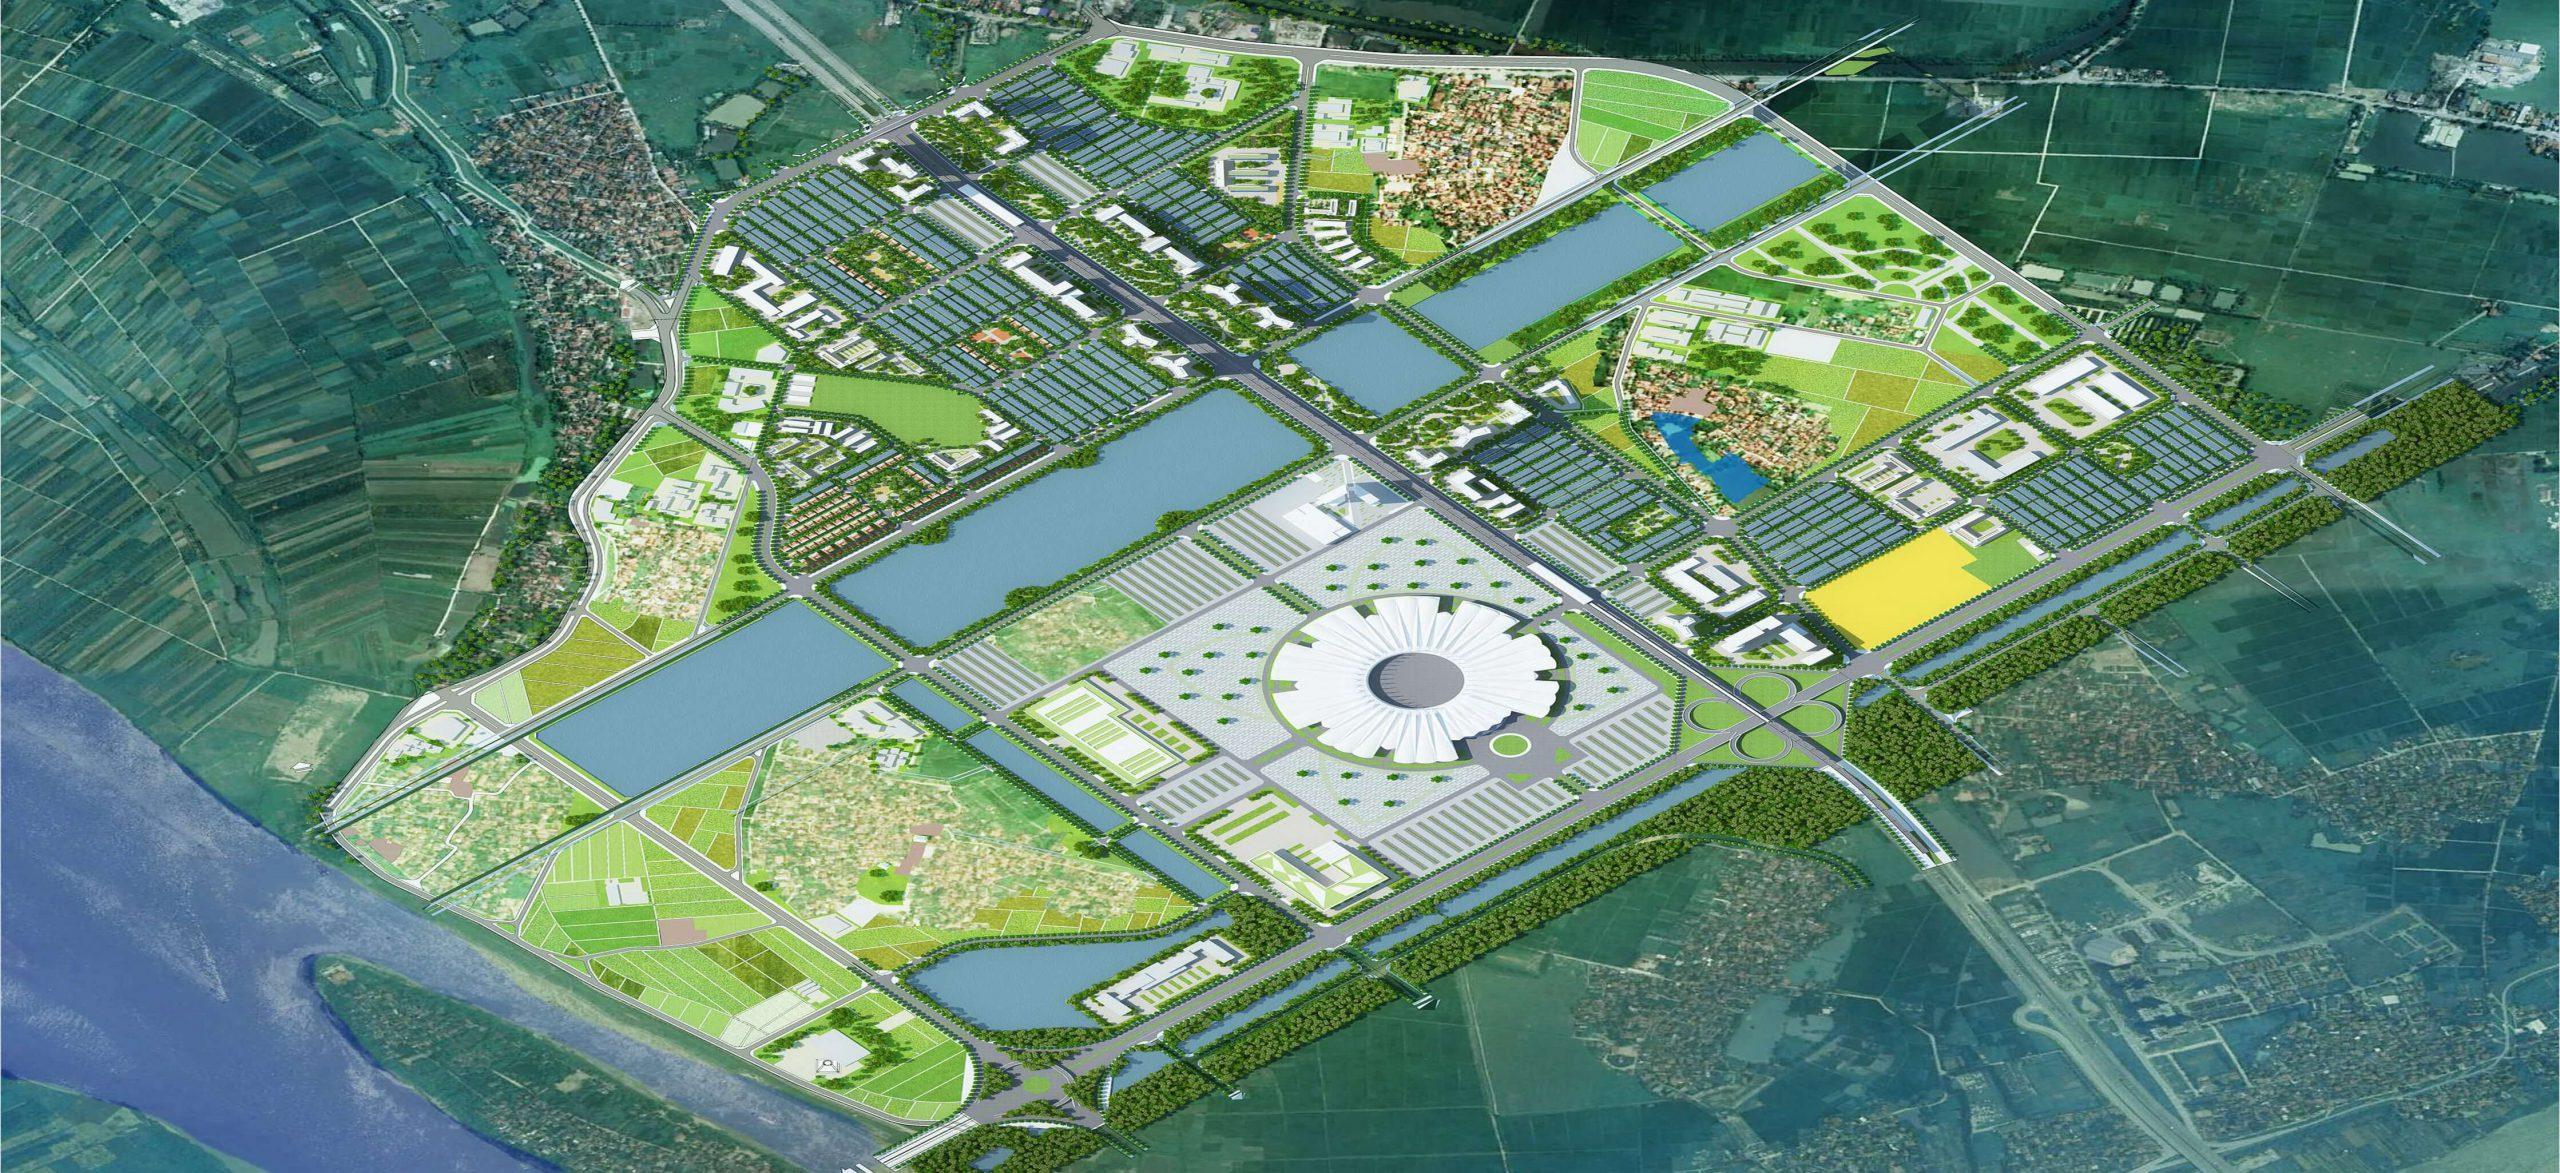 Trung tâm hội chợ, triển lãm quốc gia sẽ được chia thành nhiều phân khu.